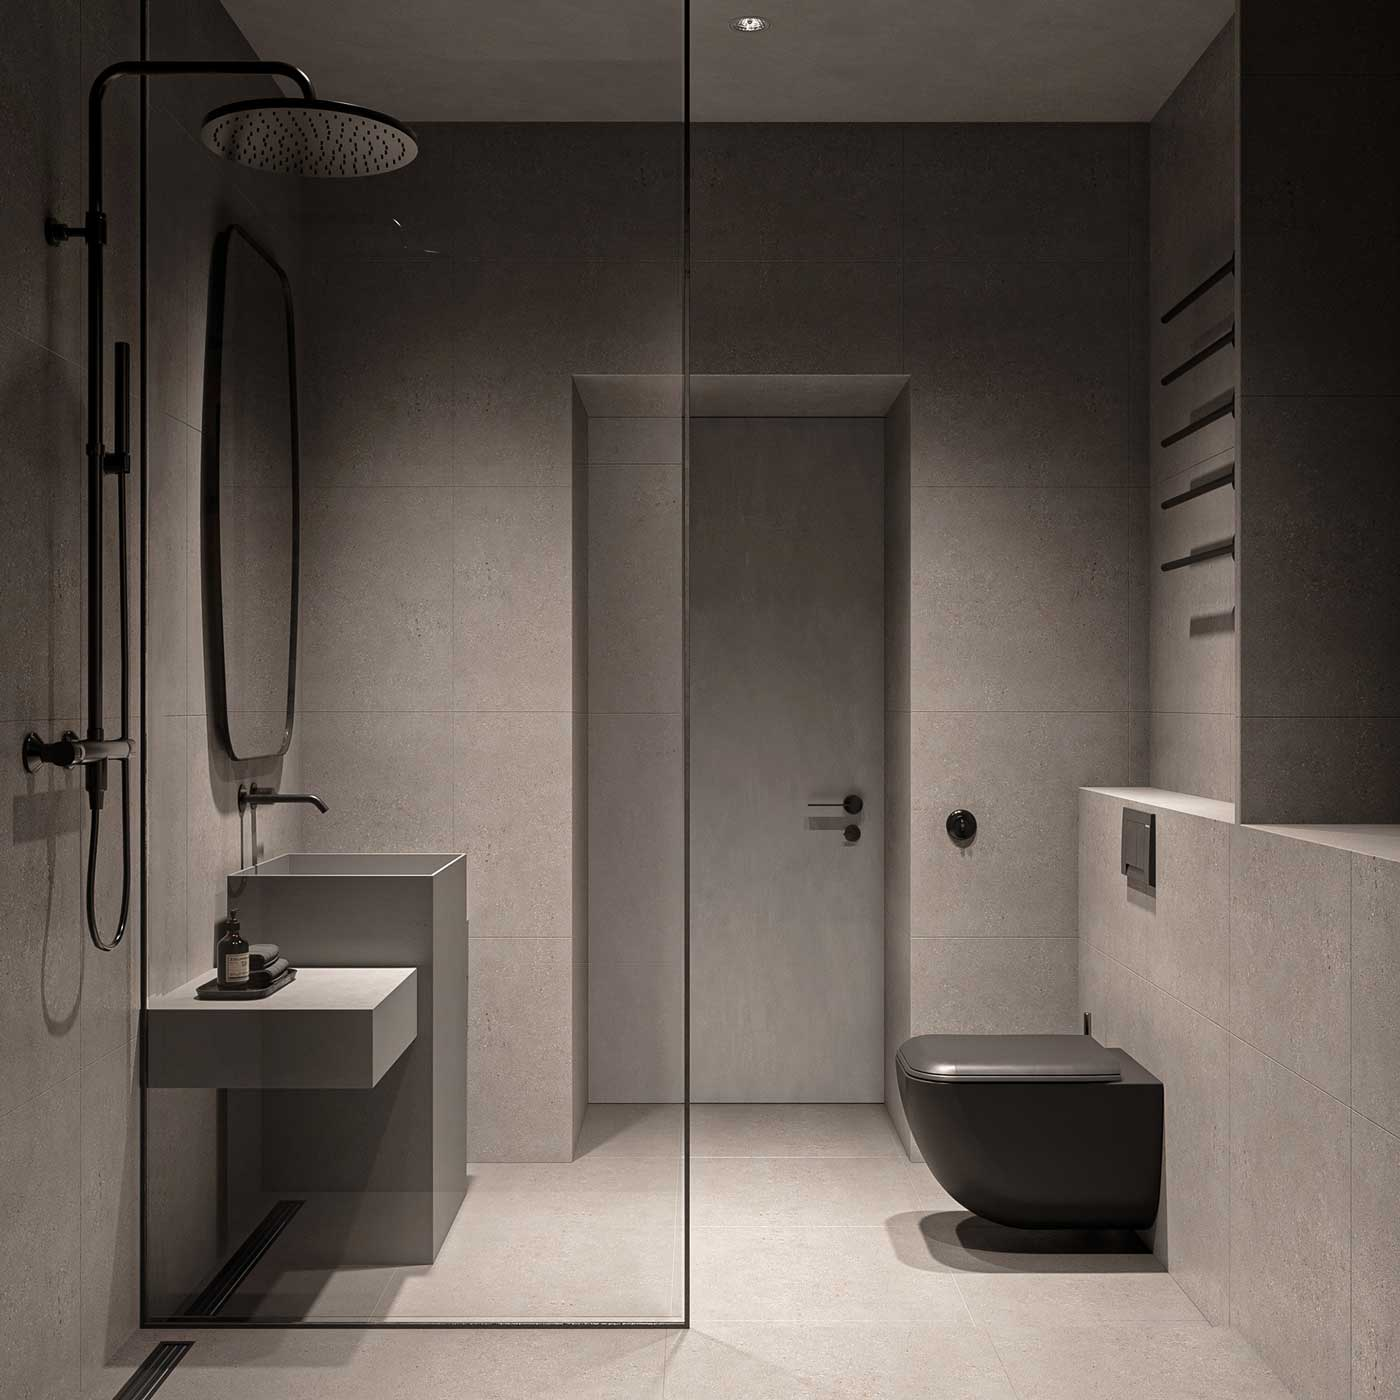 Une salle de bain minimaliste et fonctionnelle qui contient tout le nécessaire avec une douche, un lavabo et des WC